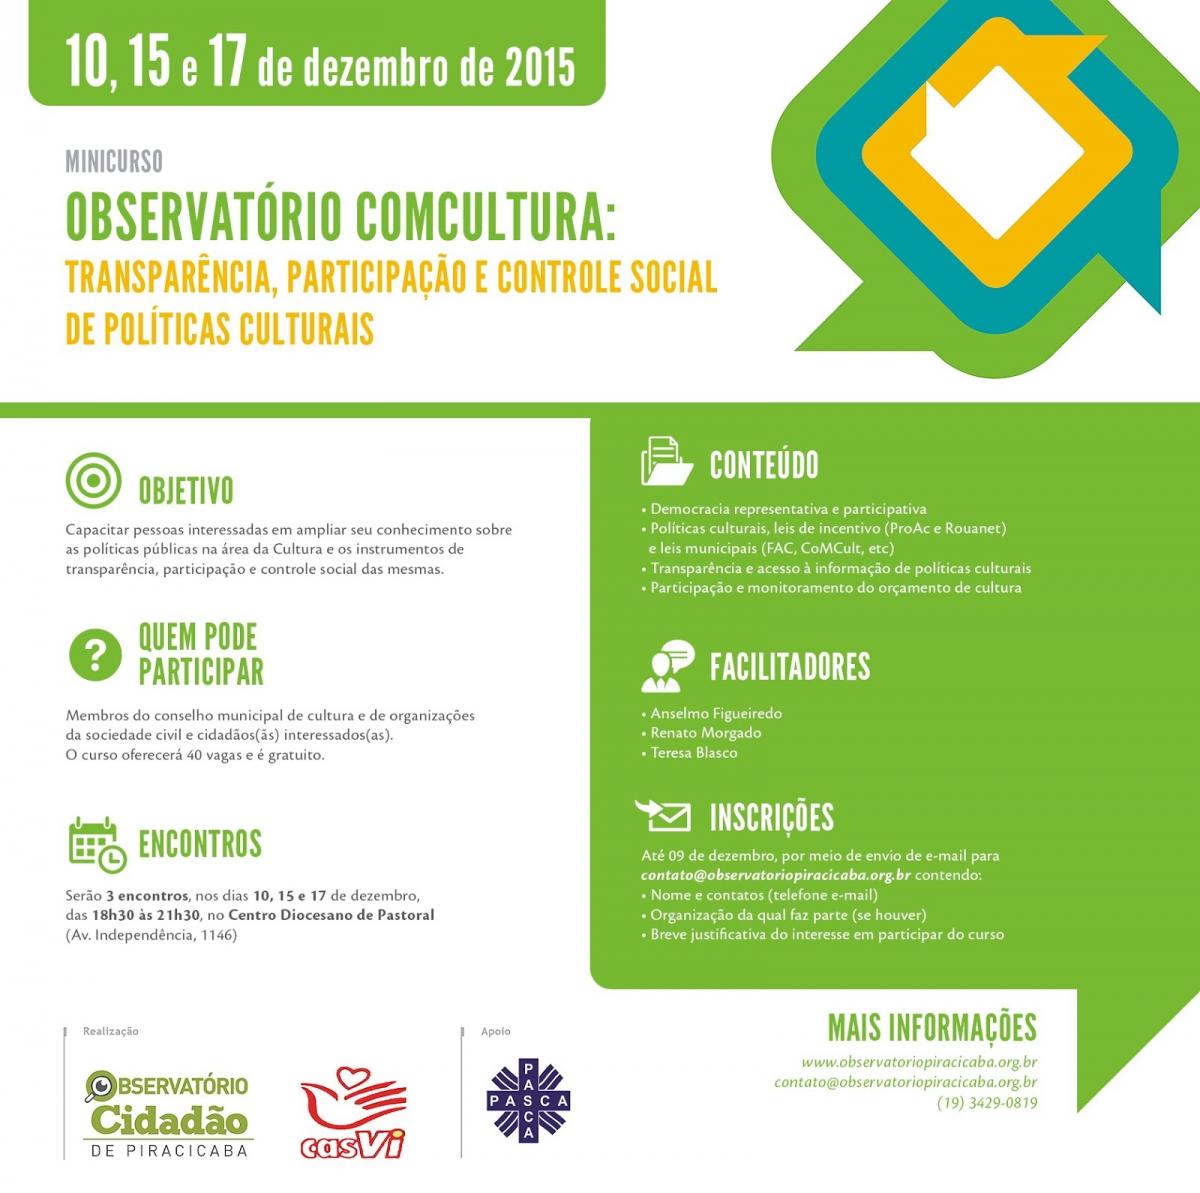 Observatório Cidadão de Piracicaba e Casvi promovem curso sobre participação social nas políticas culturais